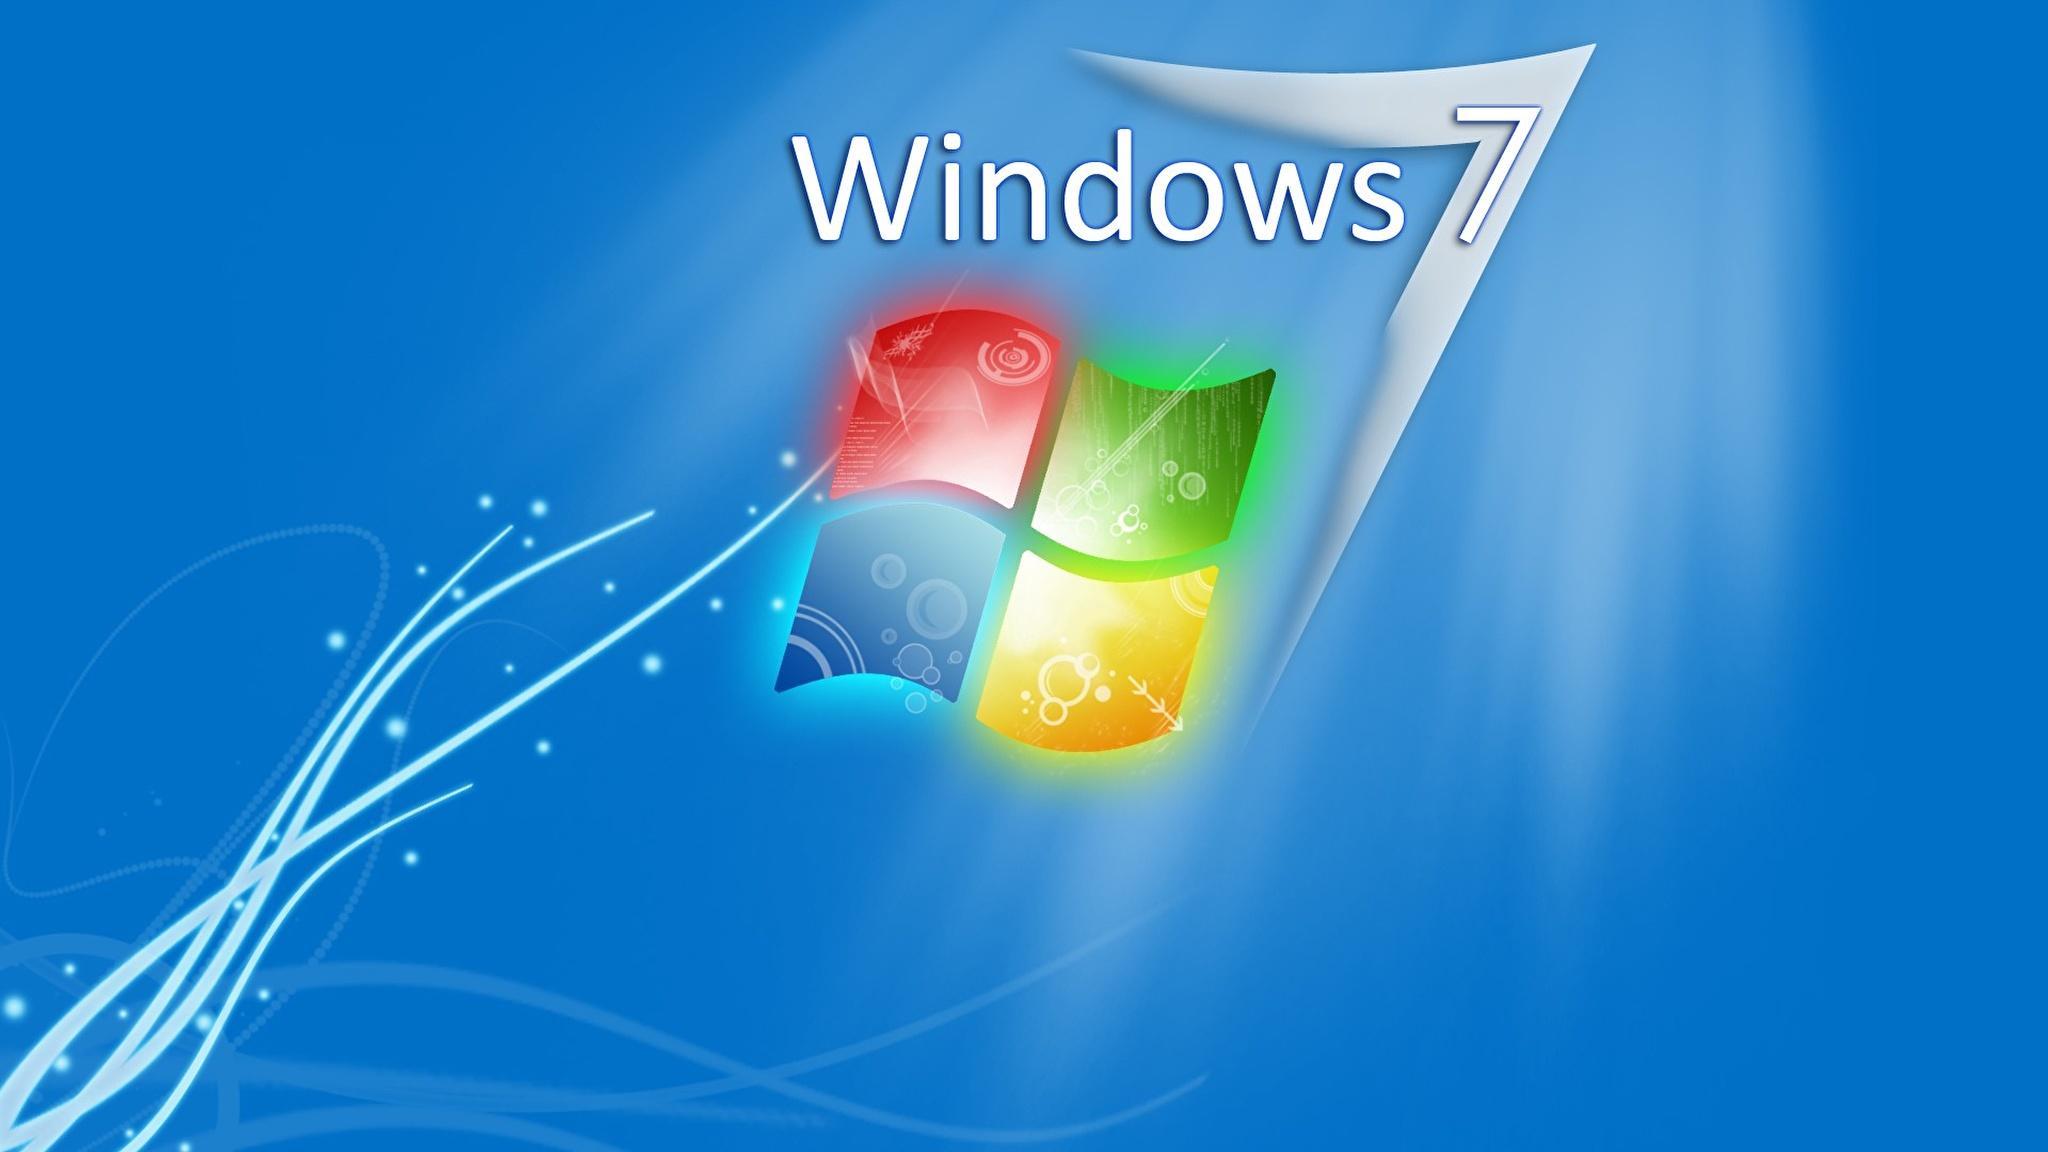 Заставки для компьютера скачать бесплатно windows 7 2